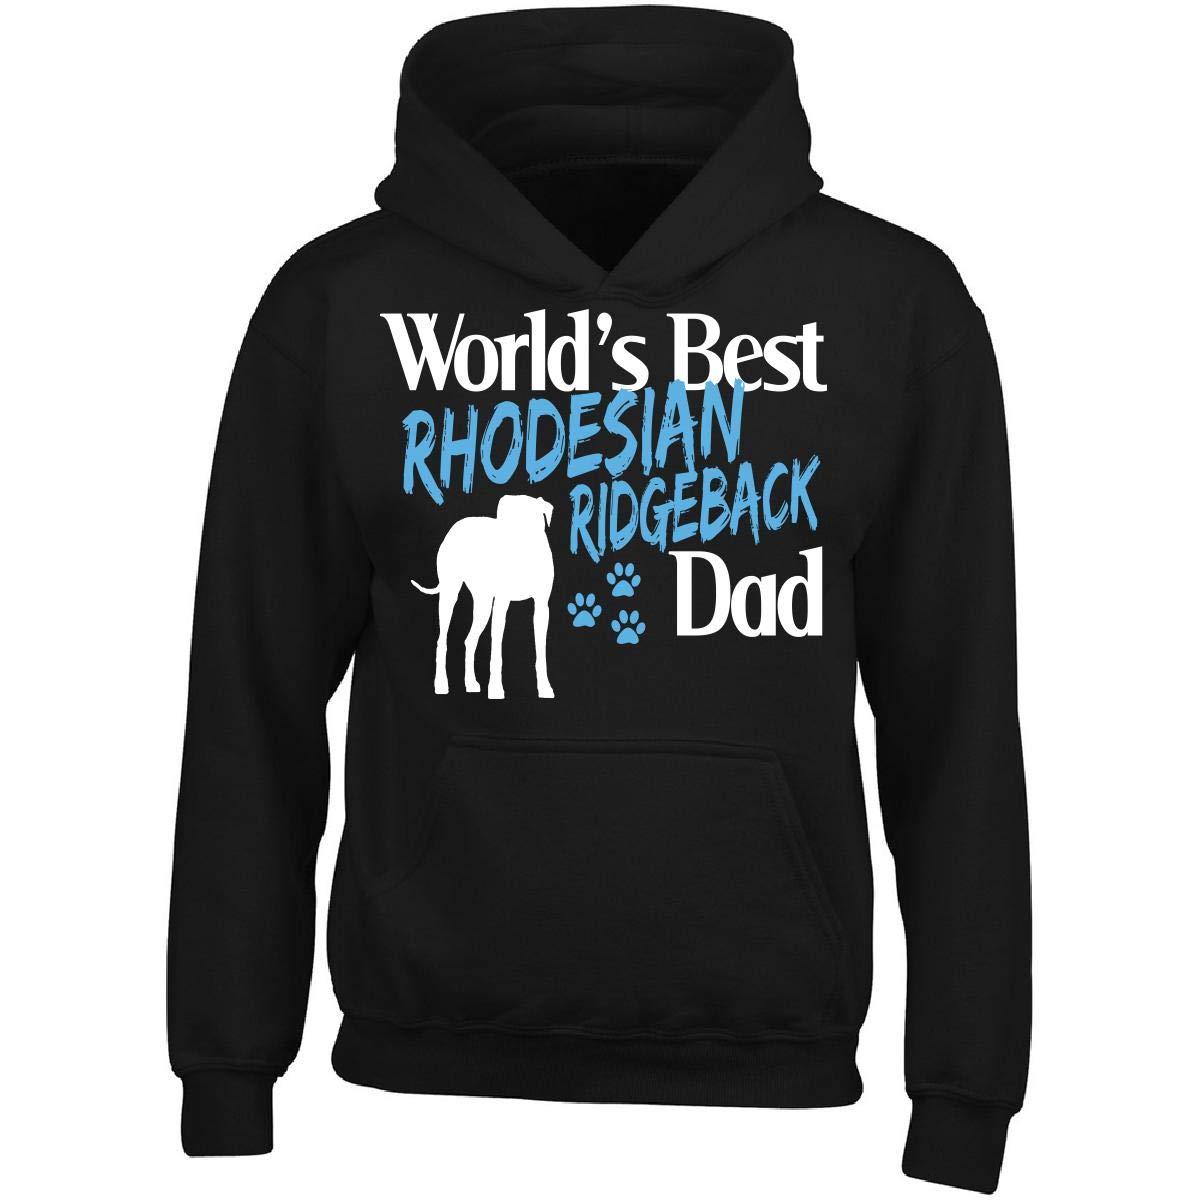 Rhodesian Ridgeback Worlds Best Dog Dad Adult Hoodie Pet Owner